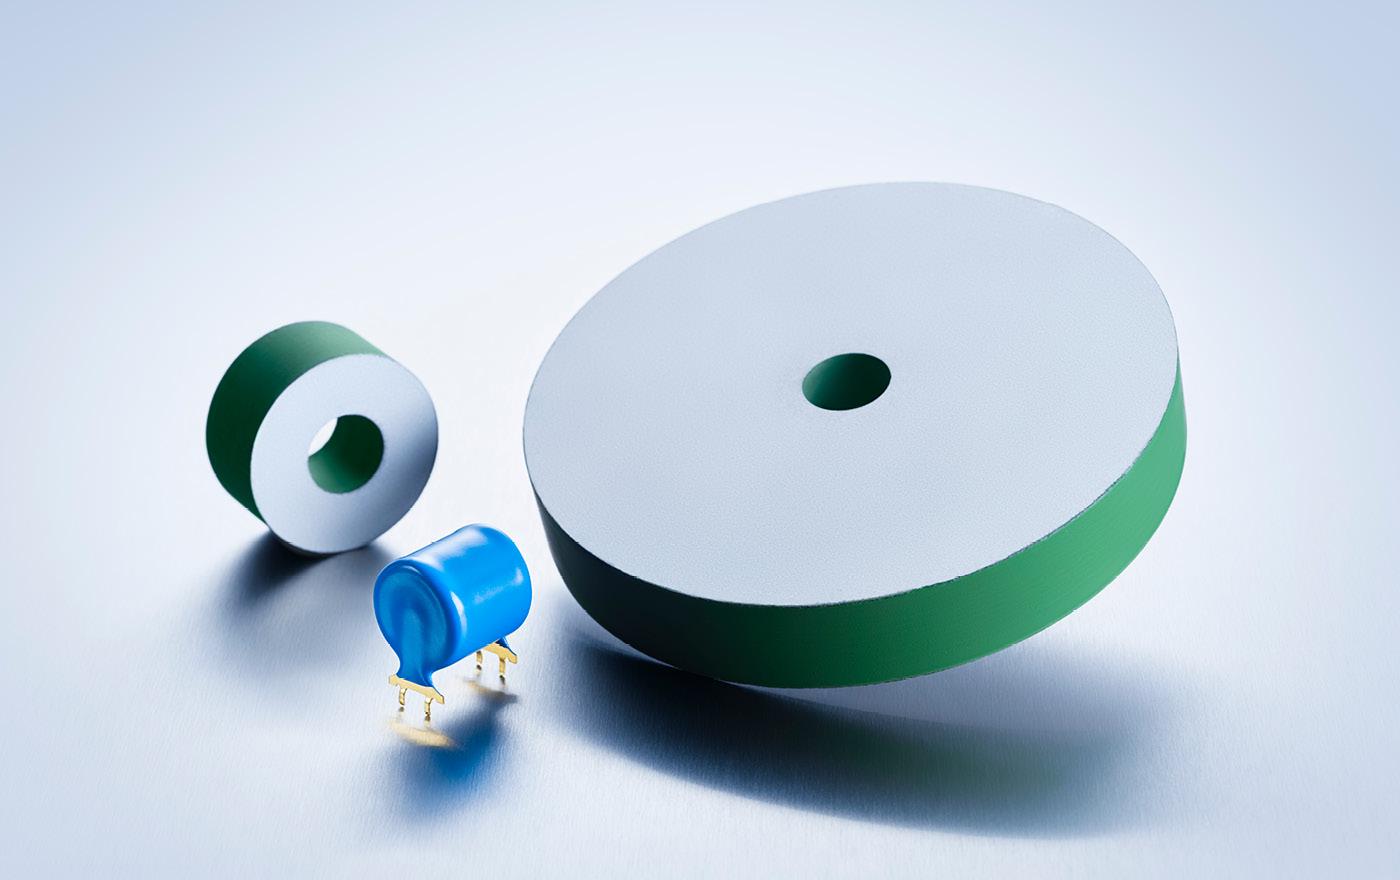 Image shows EBG Carbon Disc Resistor parts